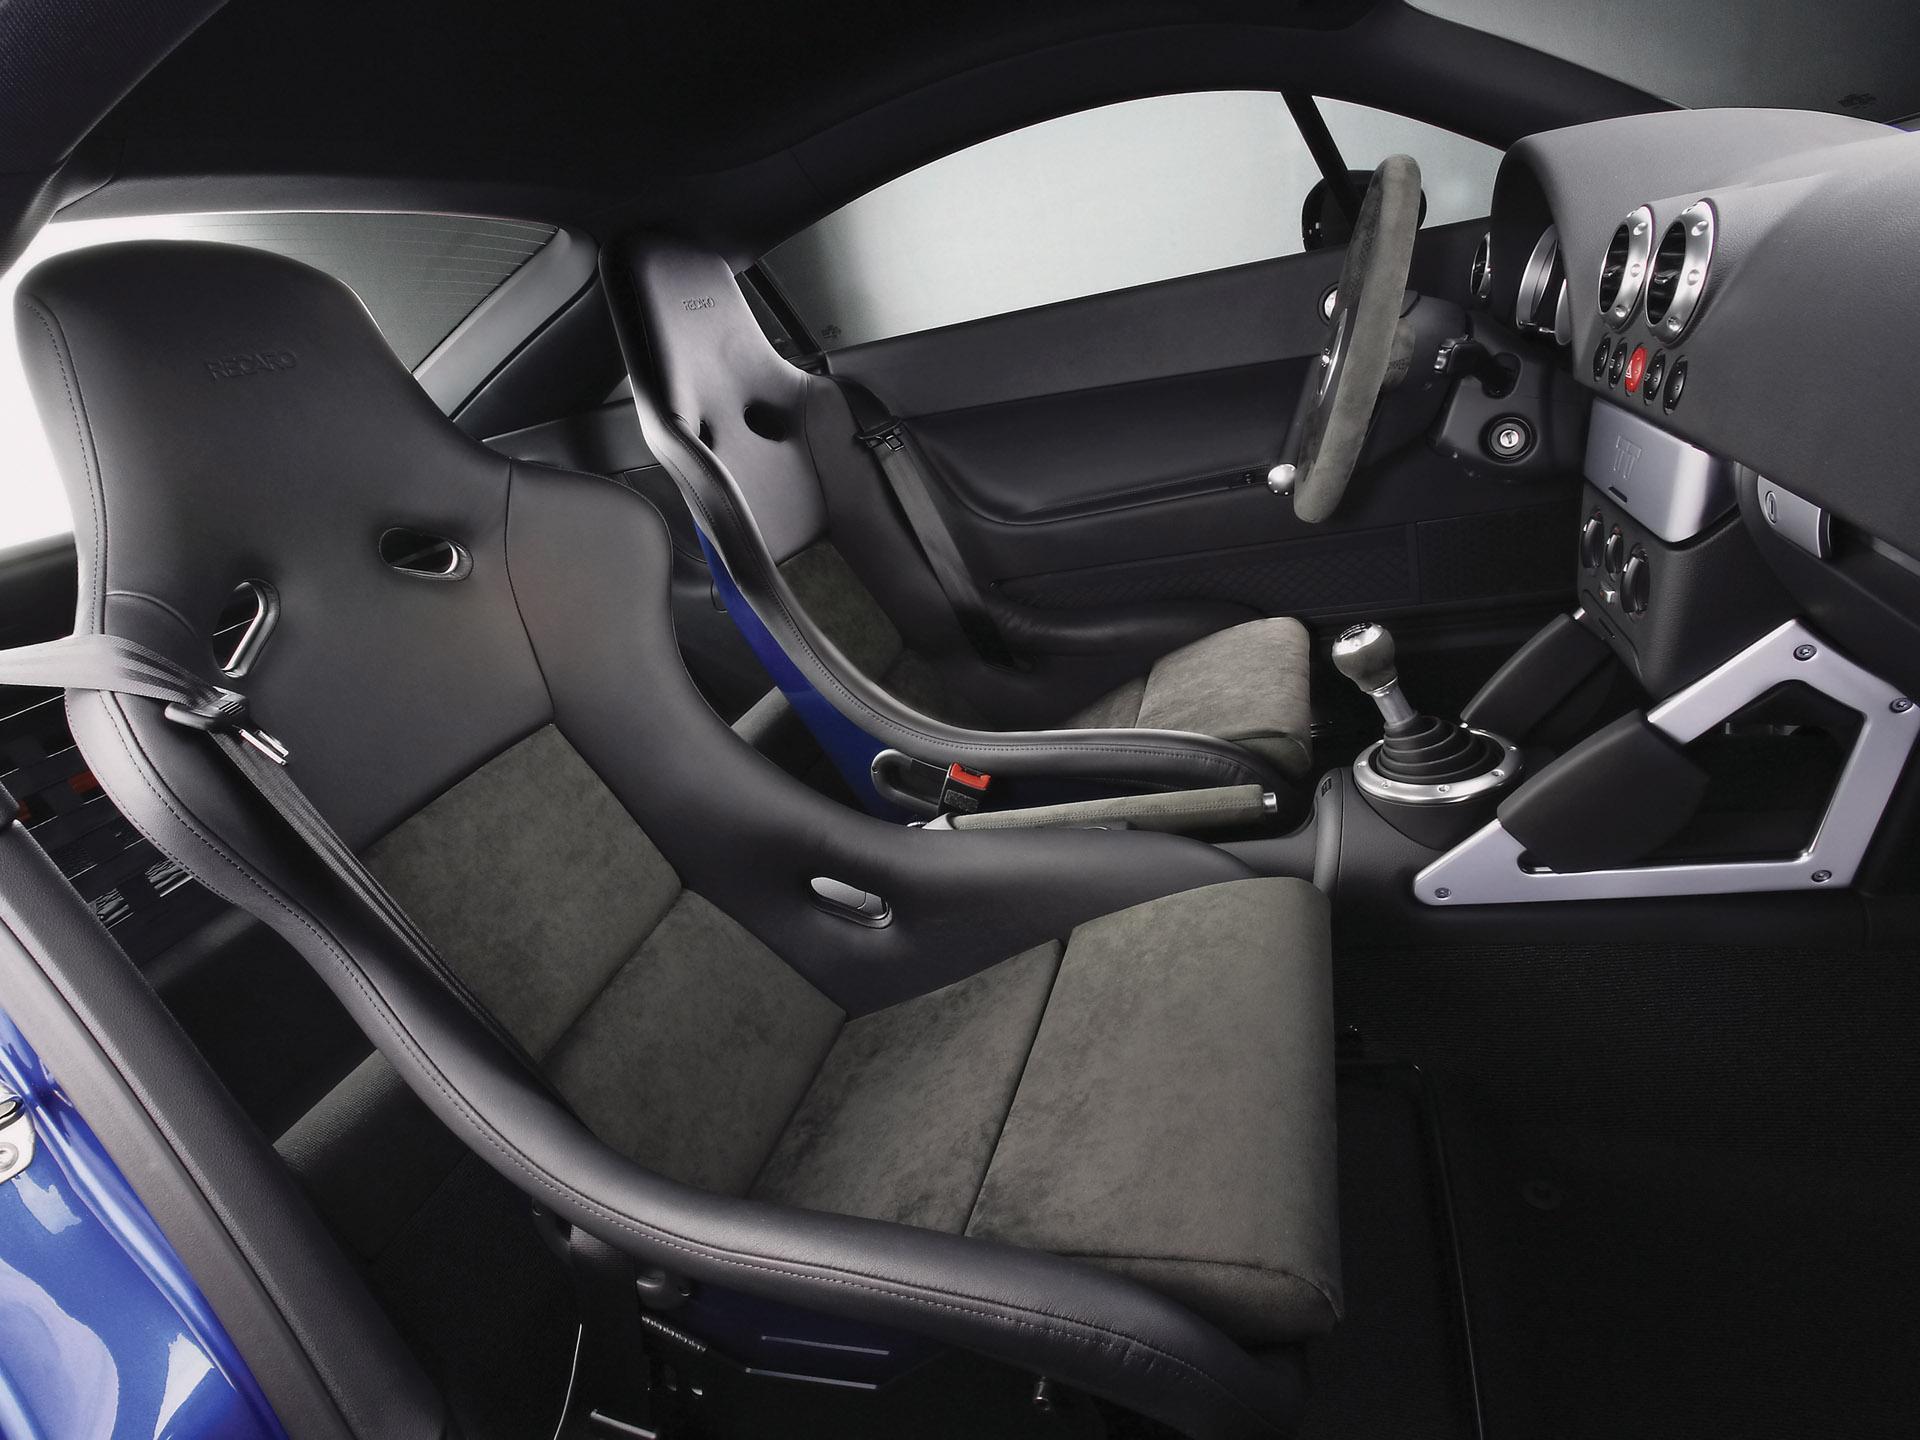 2005 Audi TT Quattro Interior